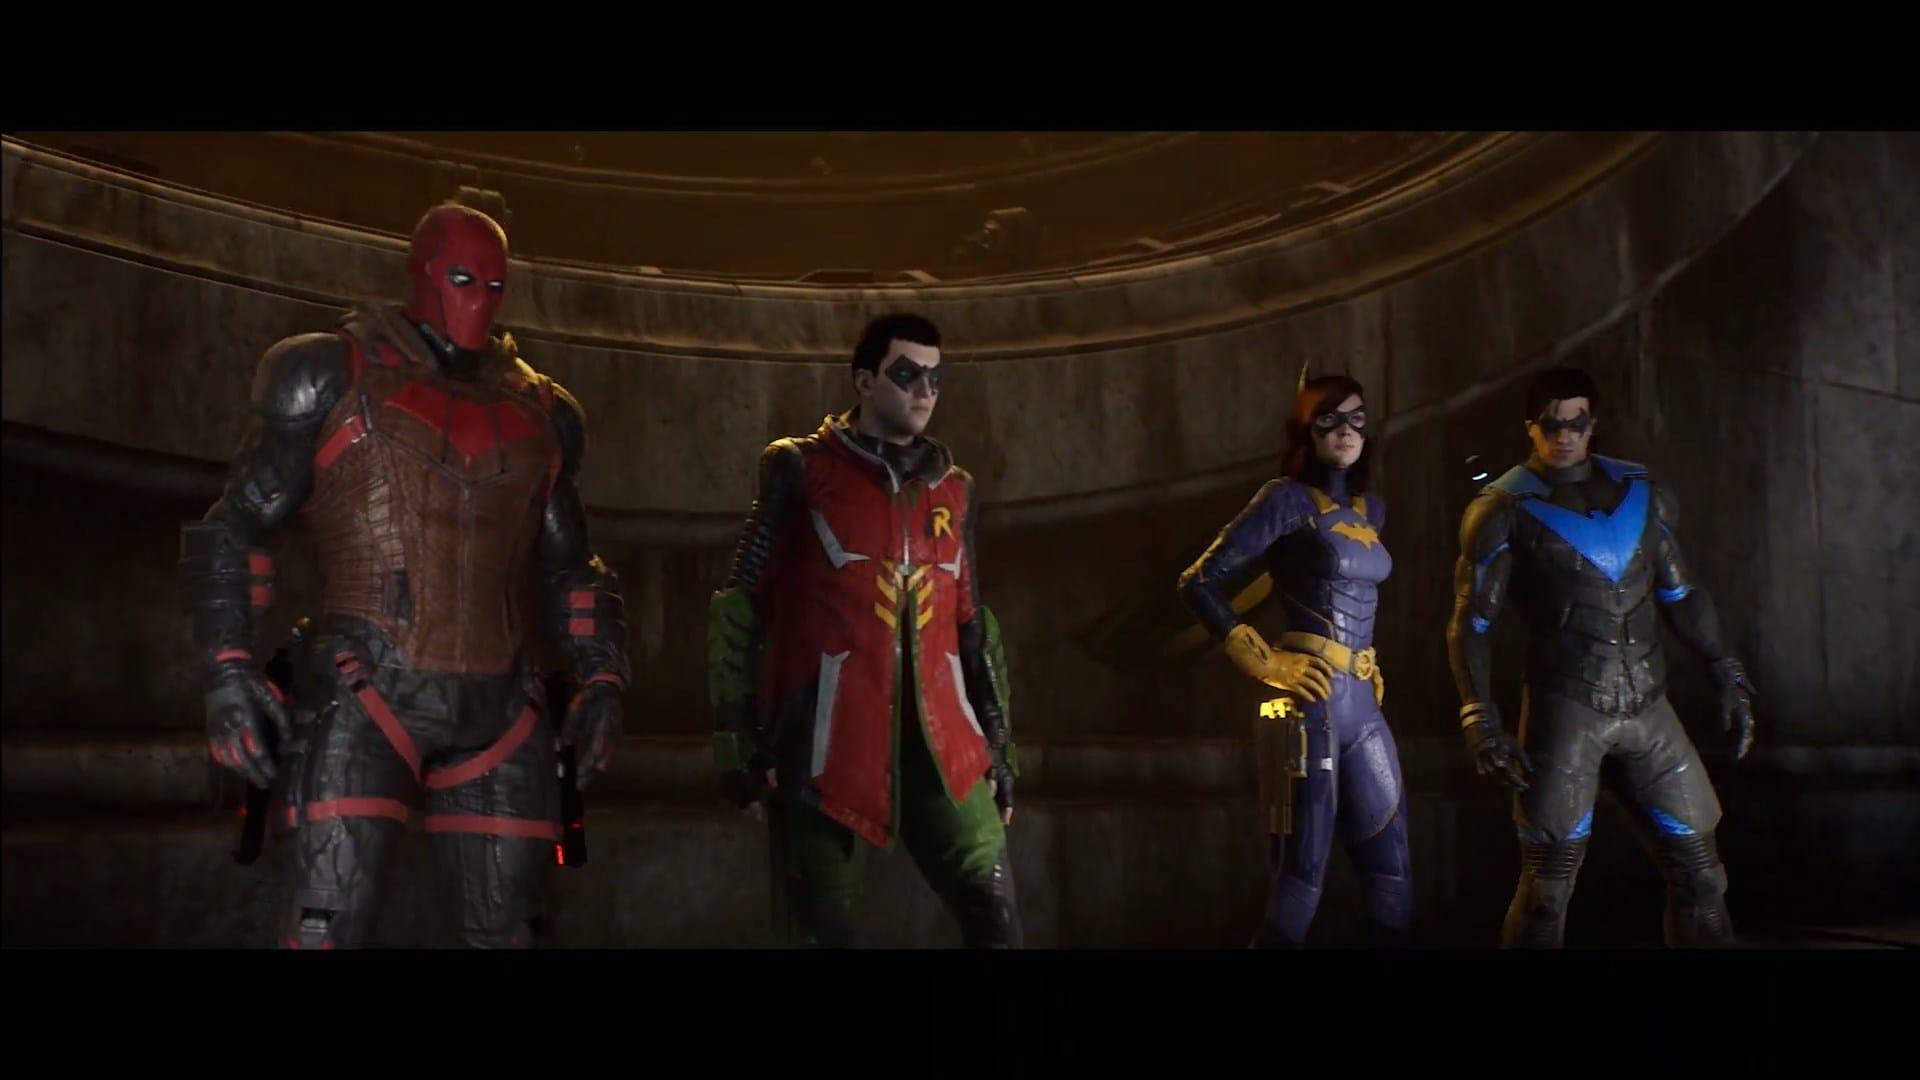 Gotham Knights –WorldPremiereTrailer.mp4_snapshot_02.13_[2020.08.22_20.05.11]